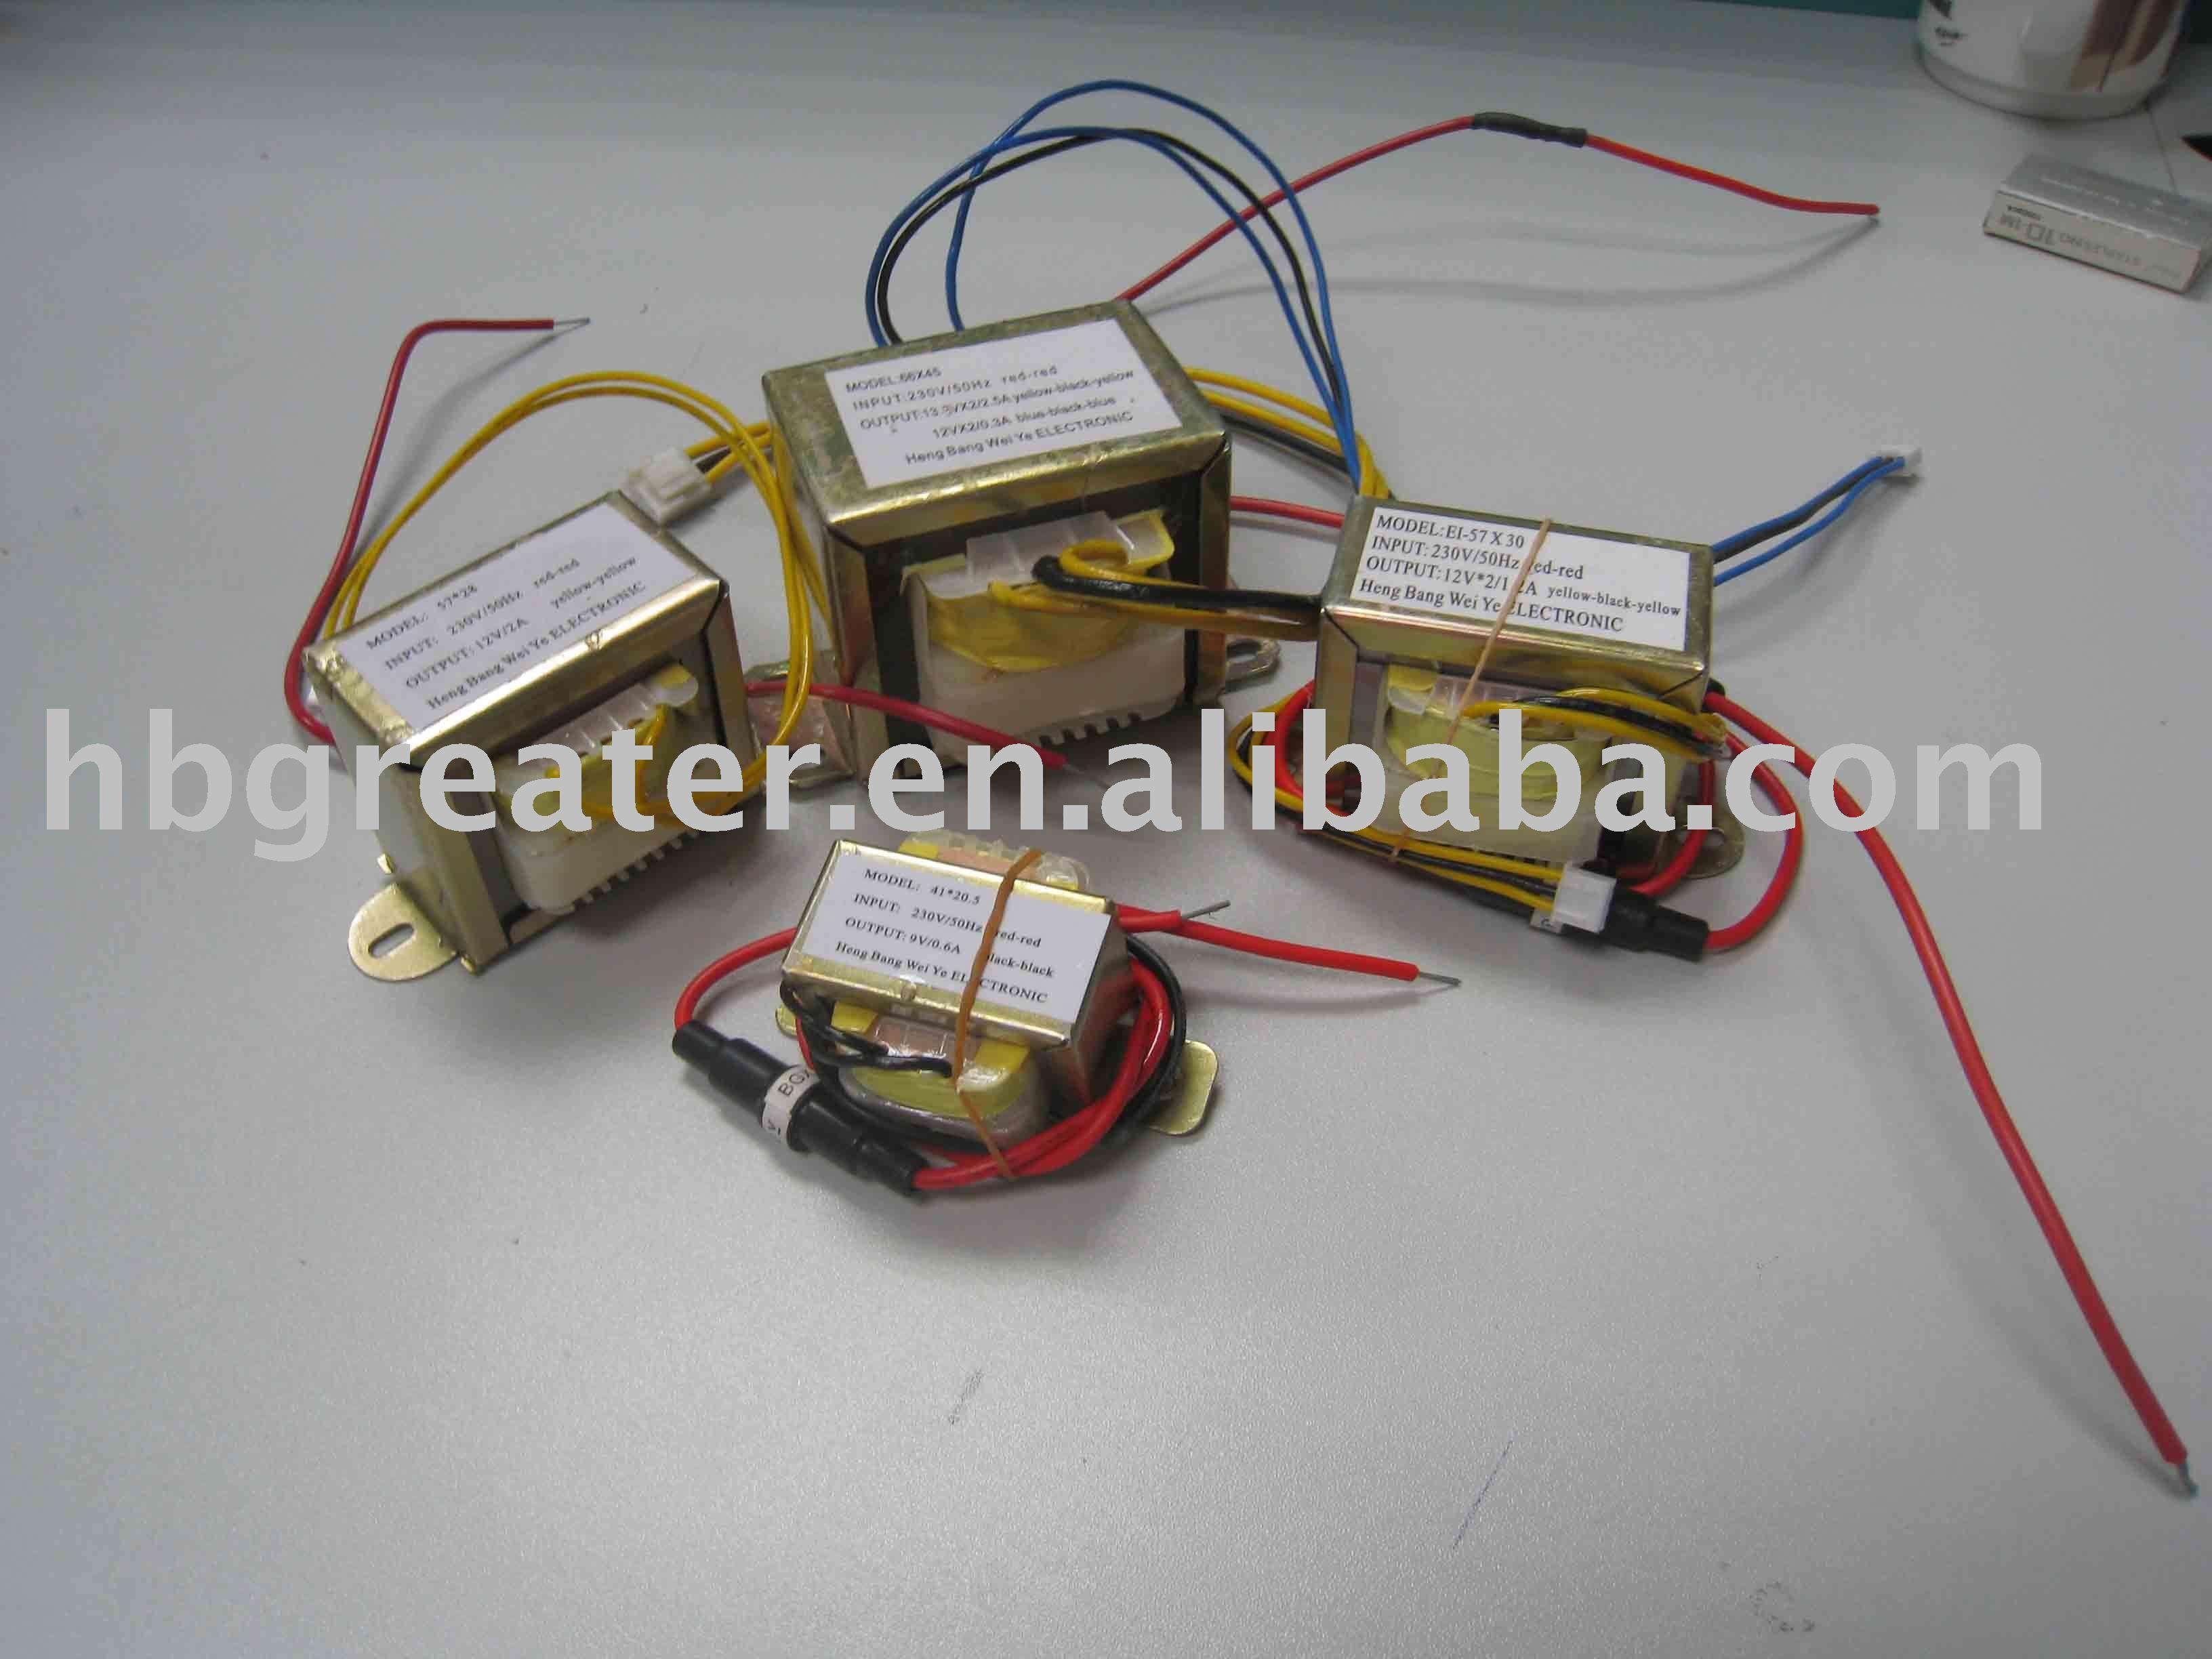 Ac ac transformador 220 v 230 v 12 v 500ma transformador - Transformador 220 a 12v ...